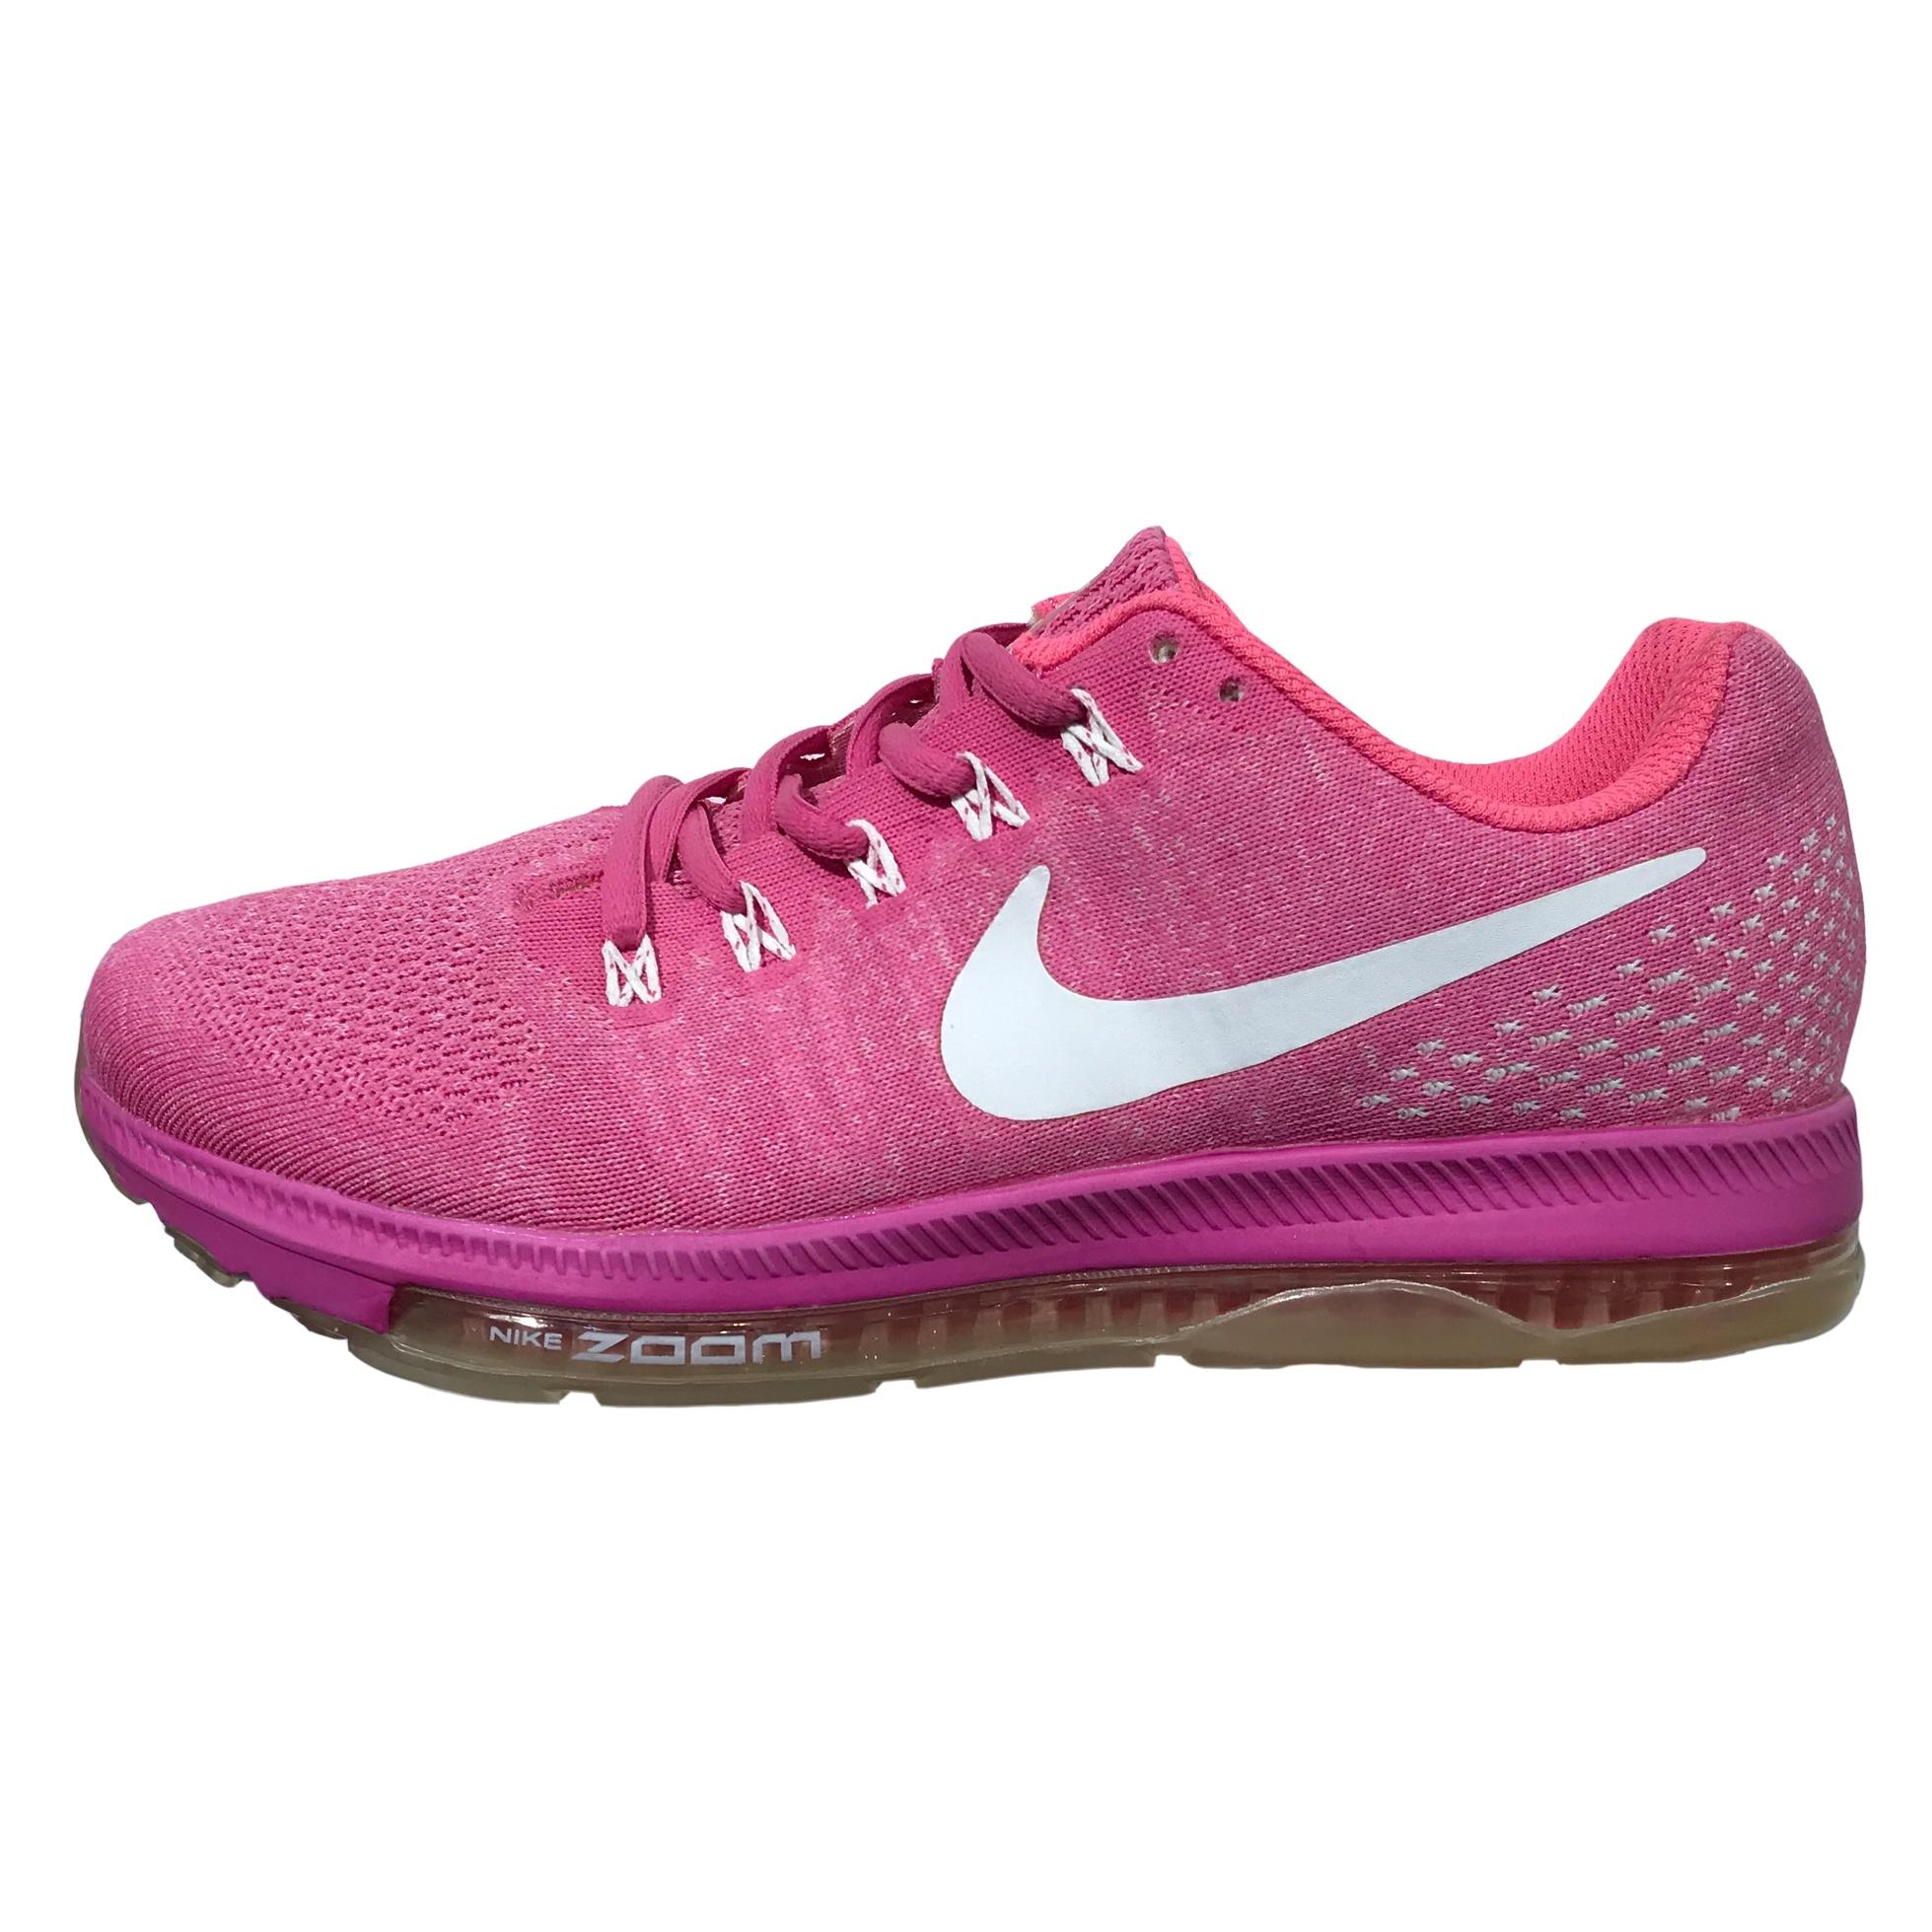 کفش مخصوص پیاده روی زنانه مدل Zoom کد 010